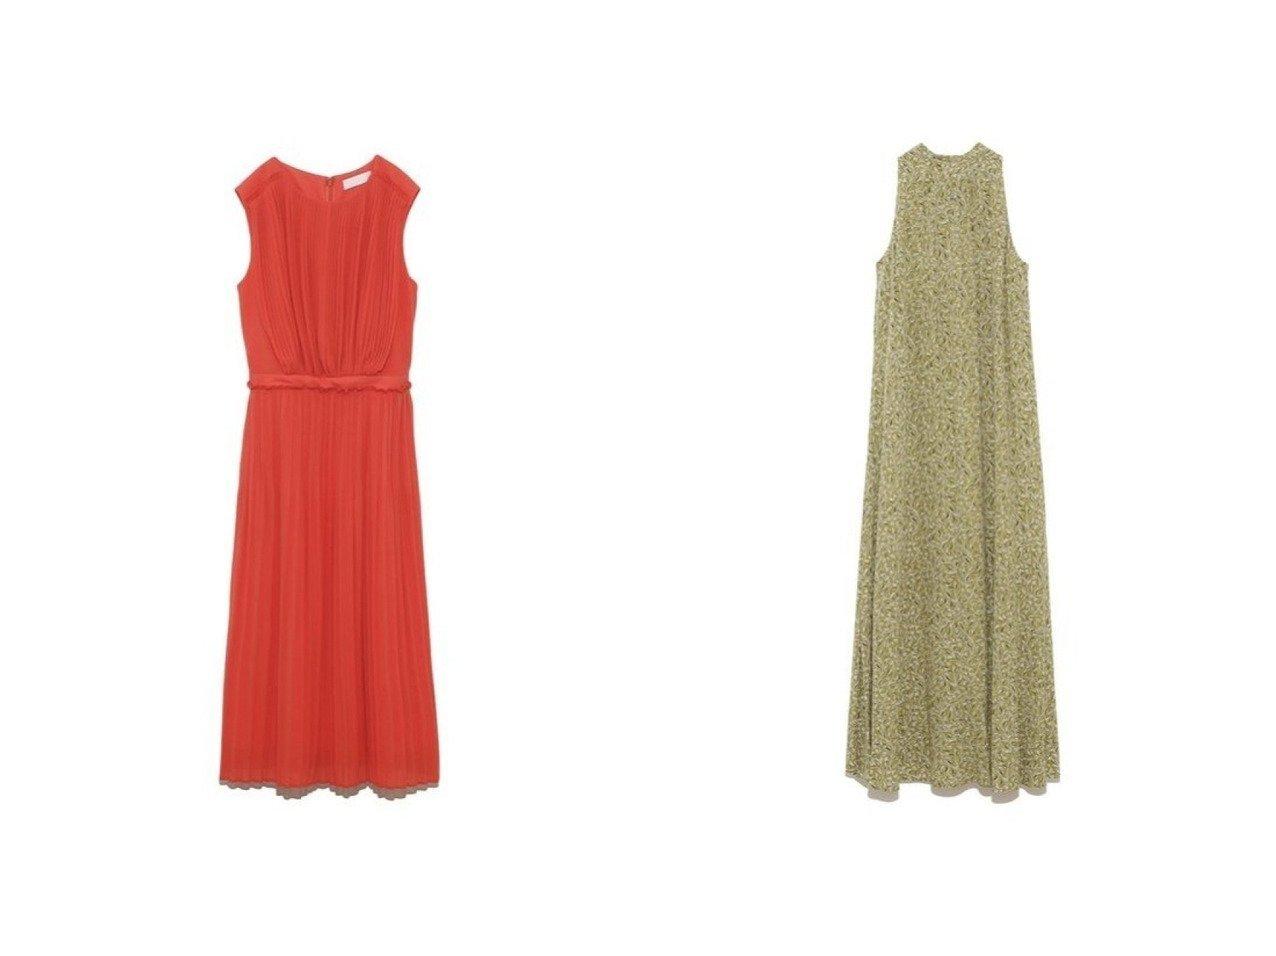 【CELFORD/セルフォード】のギャザープリーツワンピース&【FRAY I.D/フレイ アイディー】のアメスリプリントOP ワンピース・ドレスのおすすめ!人気、トレンド・レディースファッションの通販  おすすめで人気の流行・トレンド、ファッションの通販商品 メンズファッション・キッズファッション・インテリア・家具・レディースファッション・服の通販 founy(ファニー) https://founy.com/ ファッション Fashion レディースファッション WOMEN ワンピース Dress イエロー エアリー オレンジ ジョーゼット セットアップ ドレス ノースリーブ ビビッド フォーマル フレア プリーツ ボックス ランダム アメリカン ギャザー スリーブ ハイネック ペイズリー ボタニカル ロング  ID:crp329100000010216